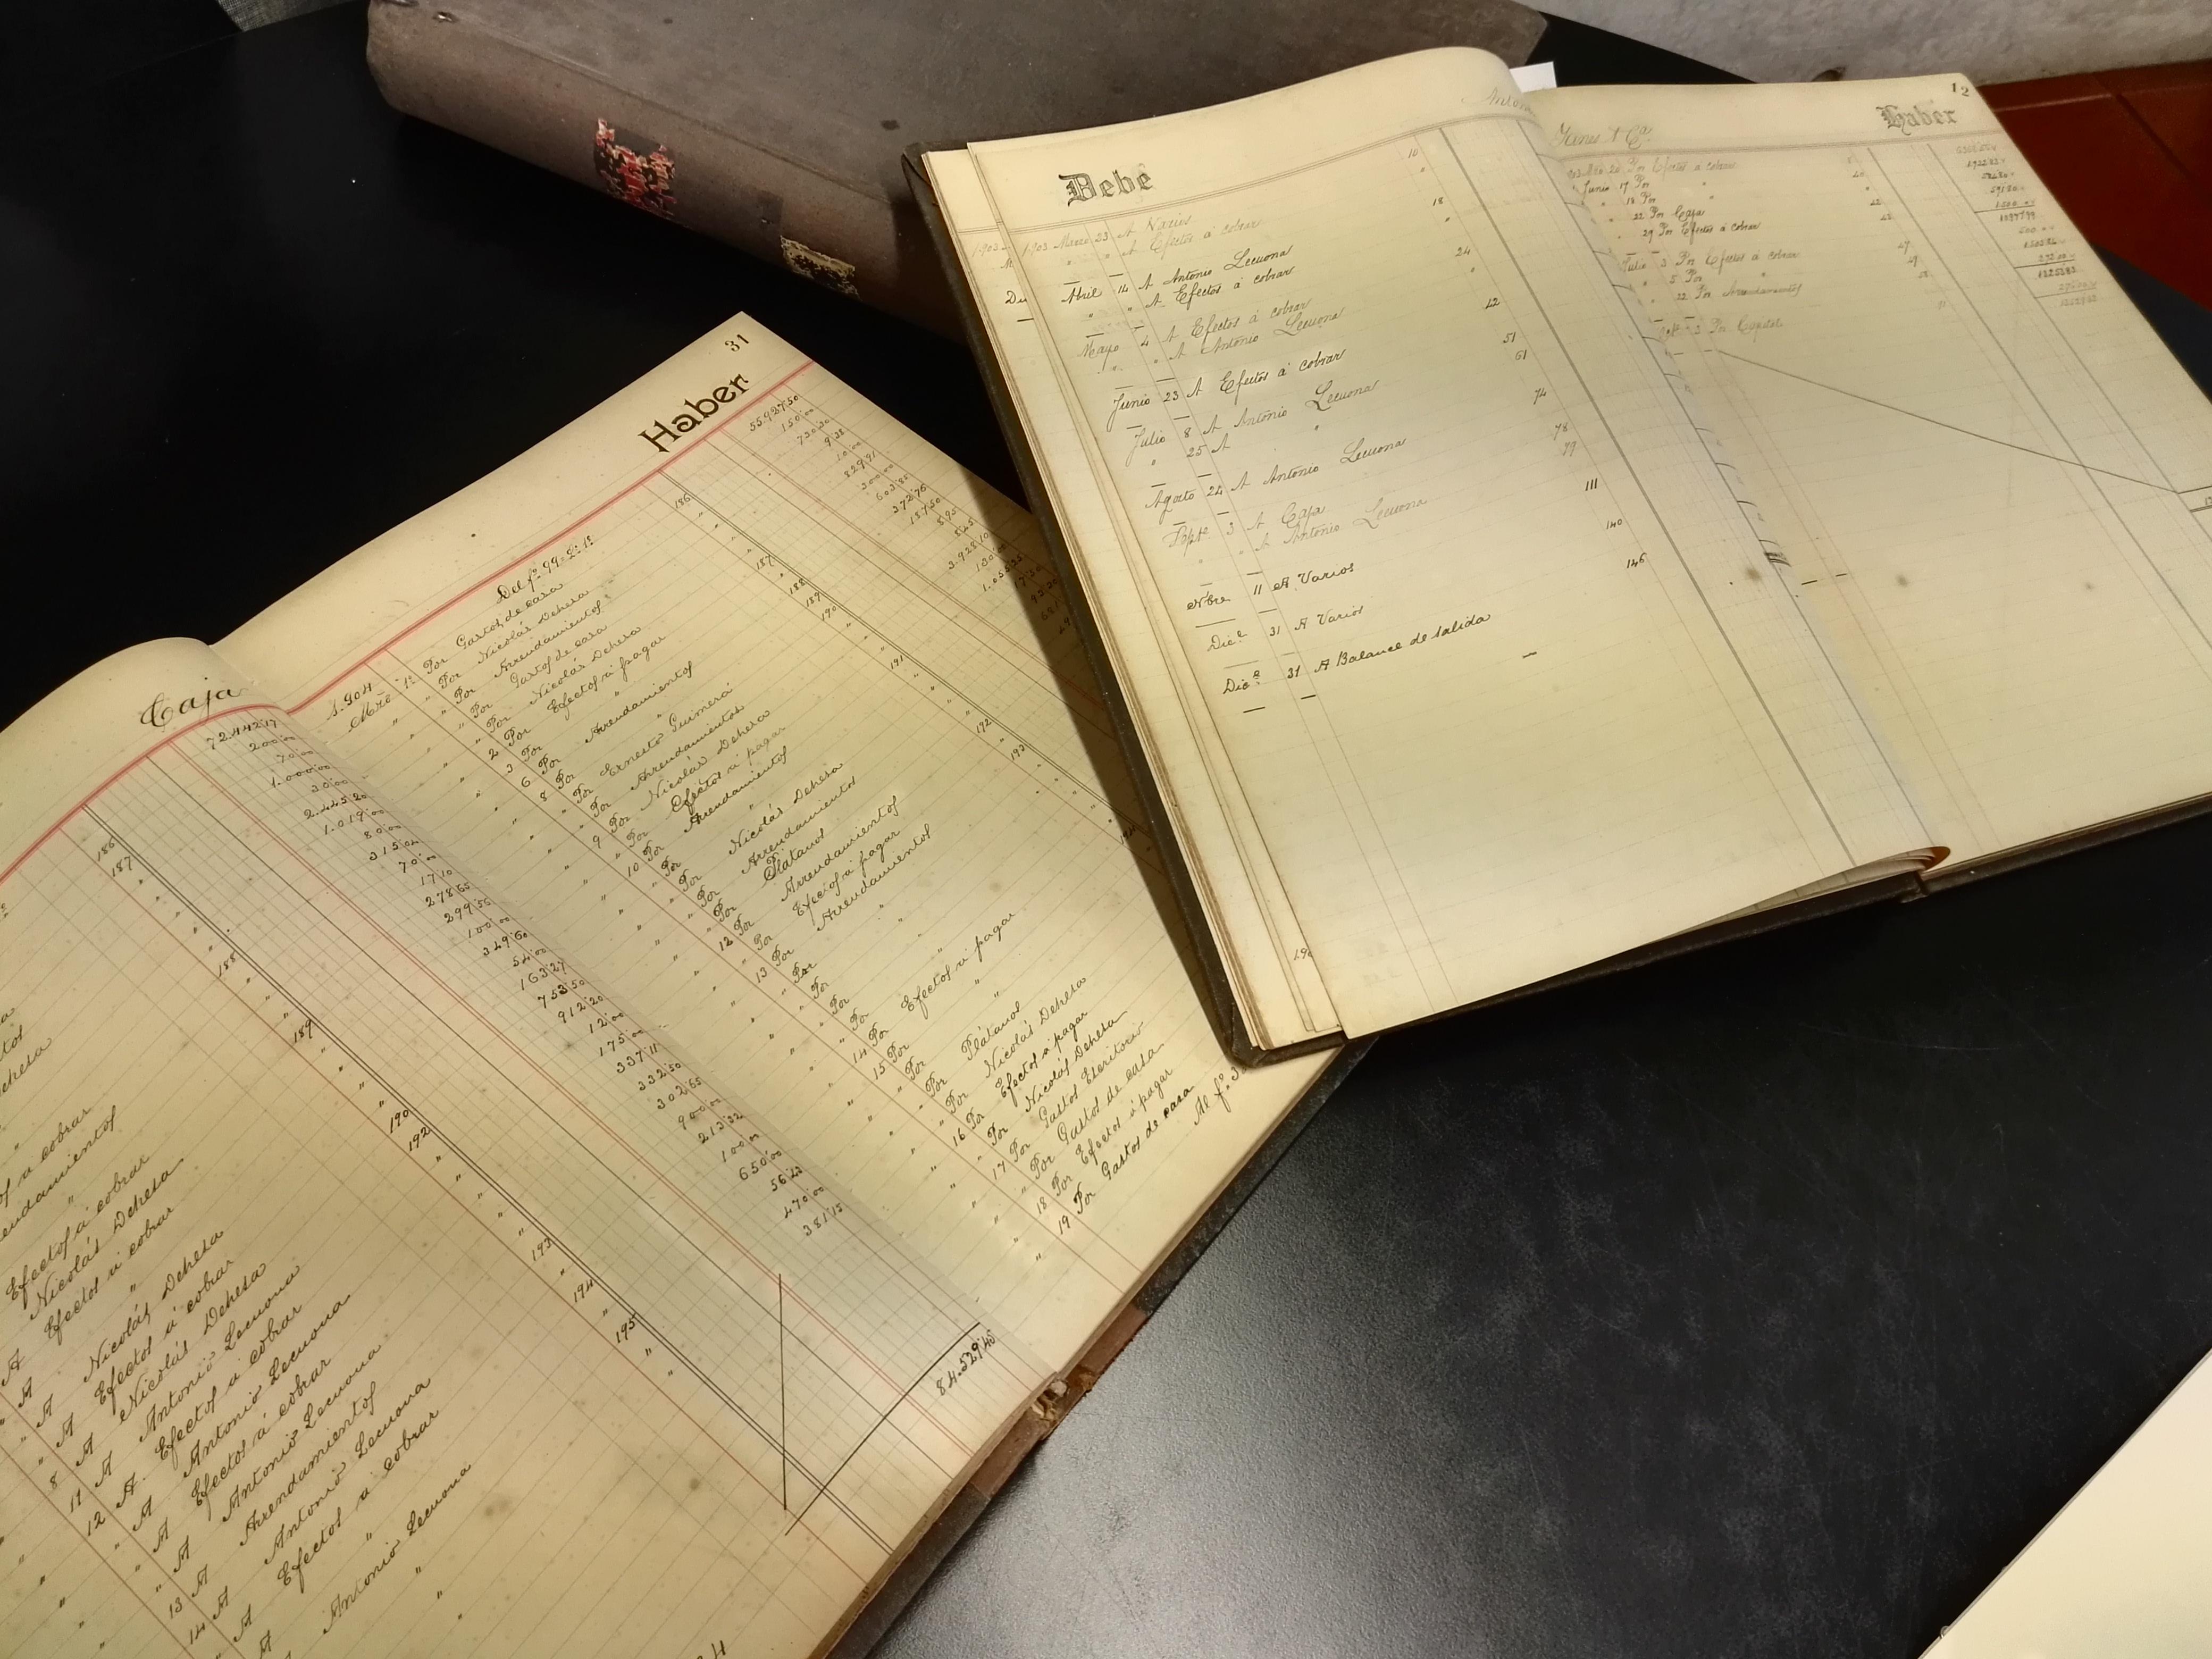 Nuevo material en el Archivo Histórico Provincial de Santa Cruz de Tenerife